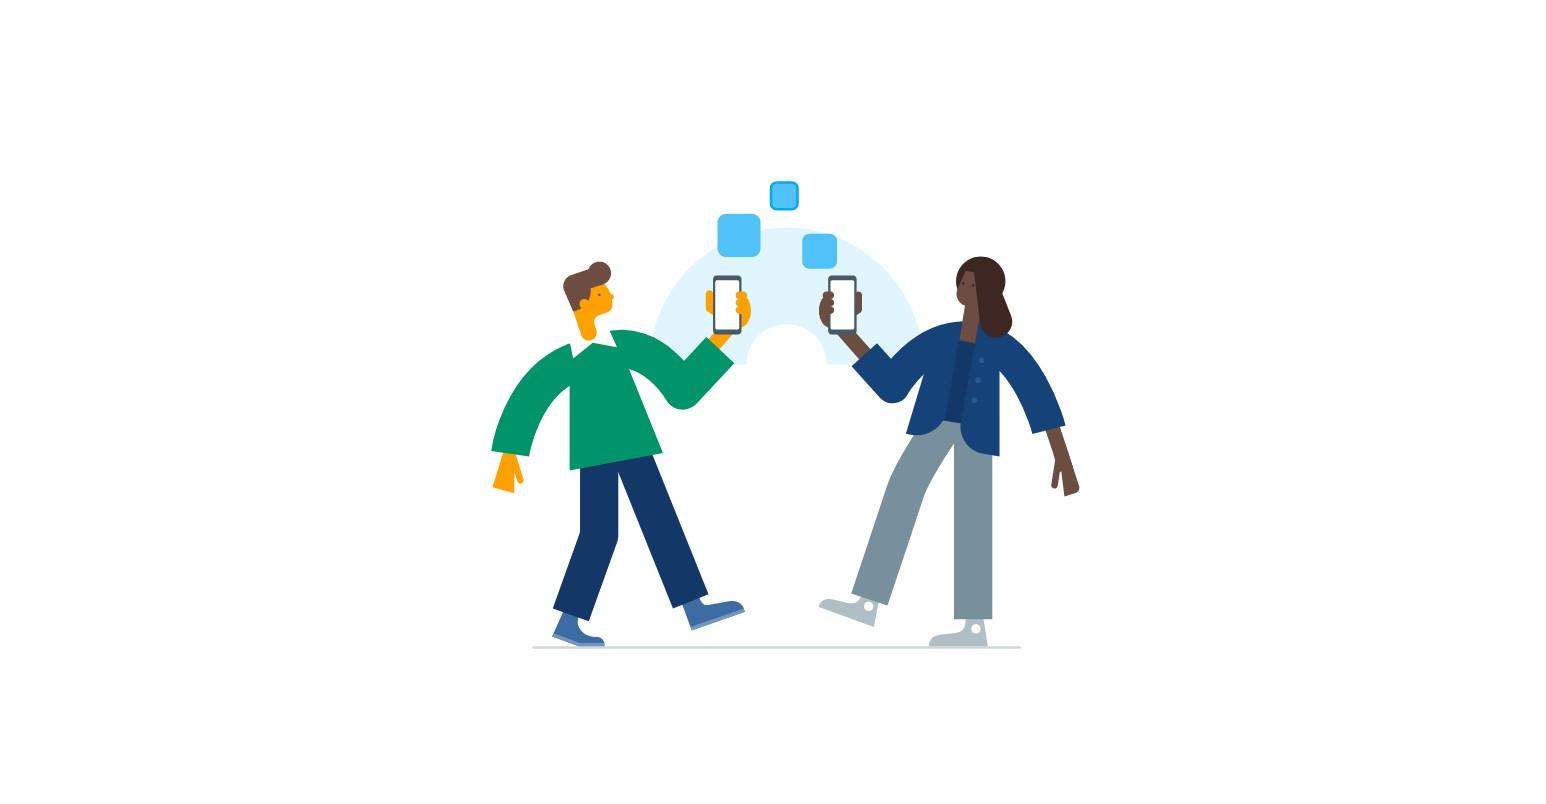 Obchod Play umí sdílet aplikace bez internetového připojení [aktualizováno]